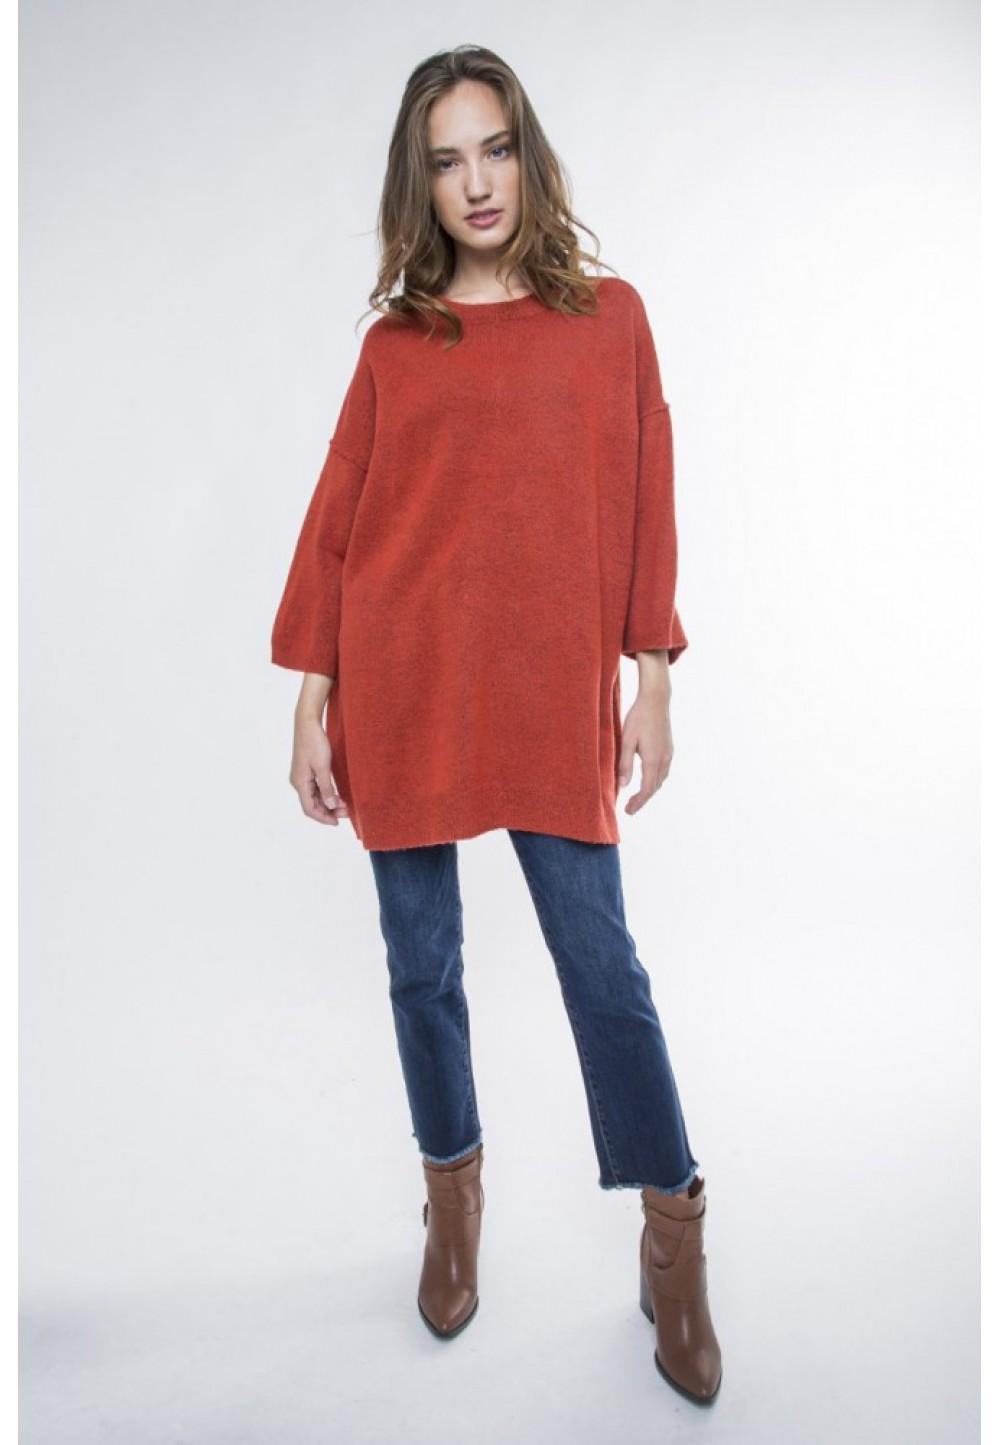 Длинный оранжевый пуловер